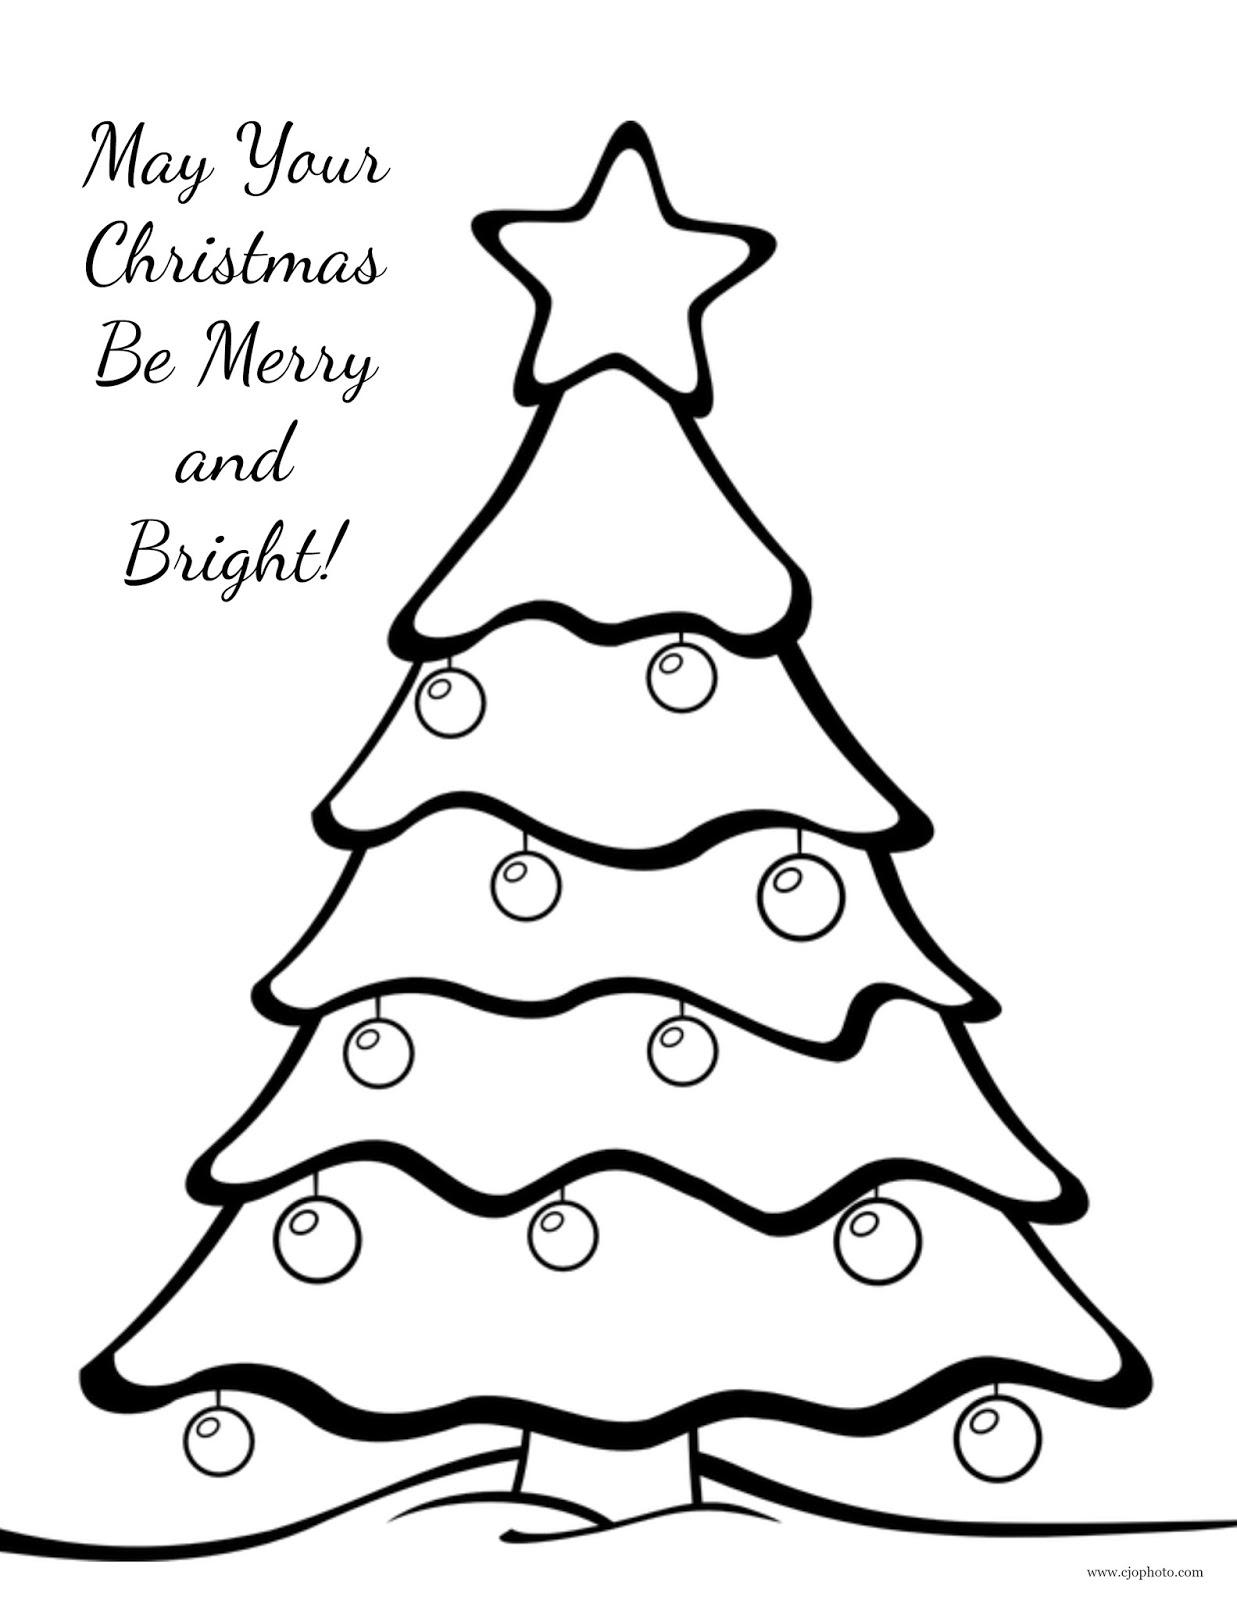 CJO Photo: Christmas Coloring Page: Christmas Tree